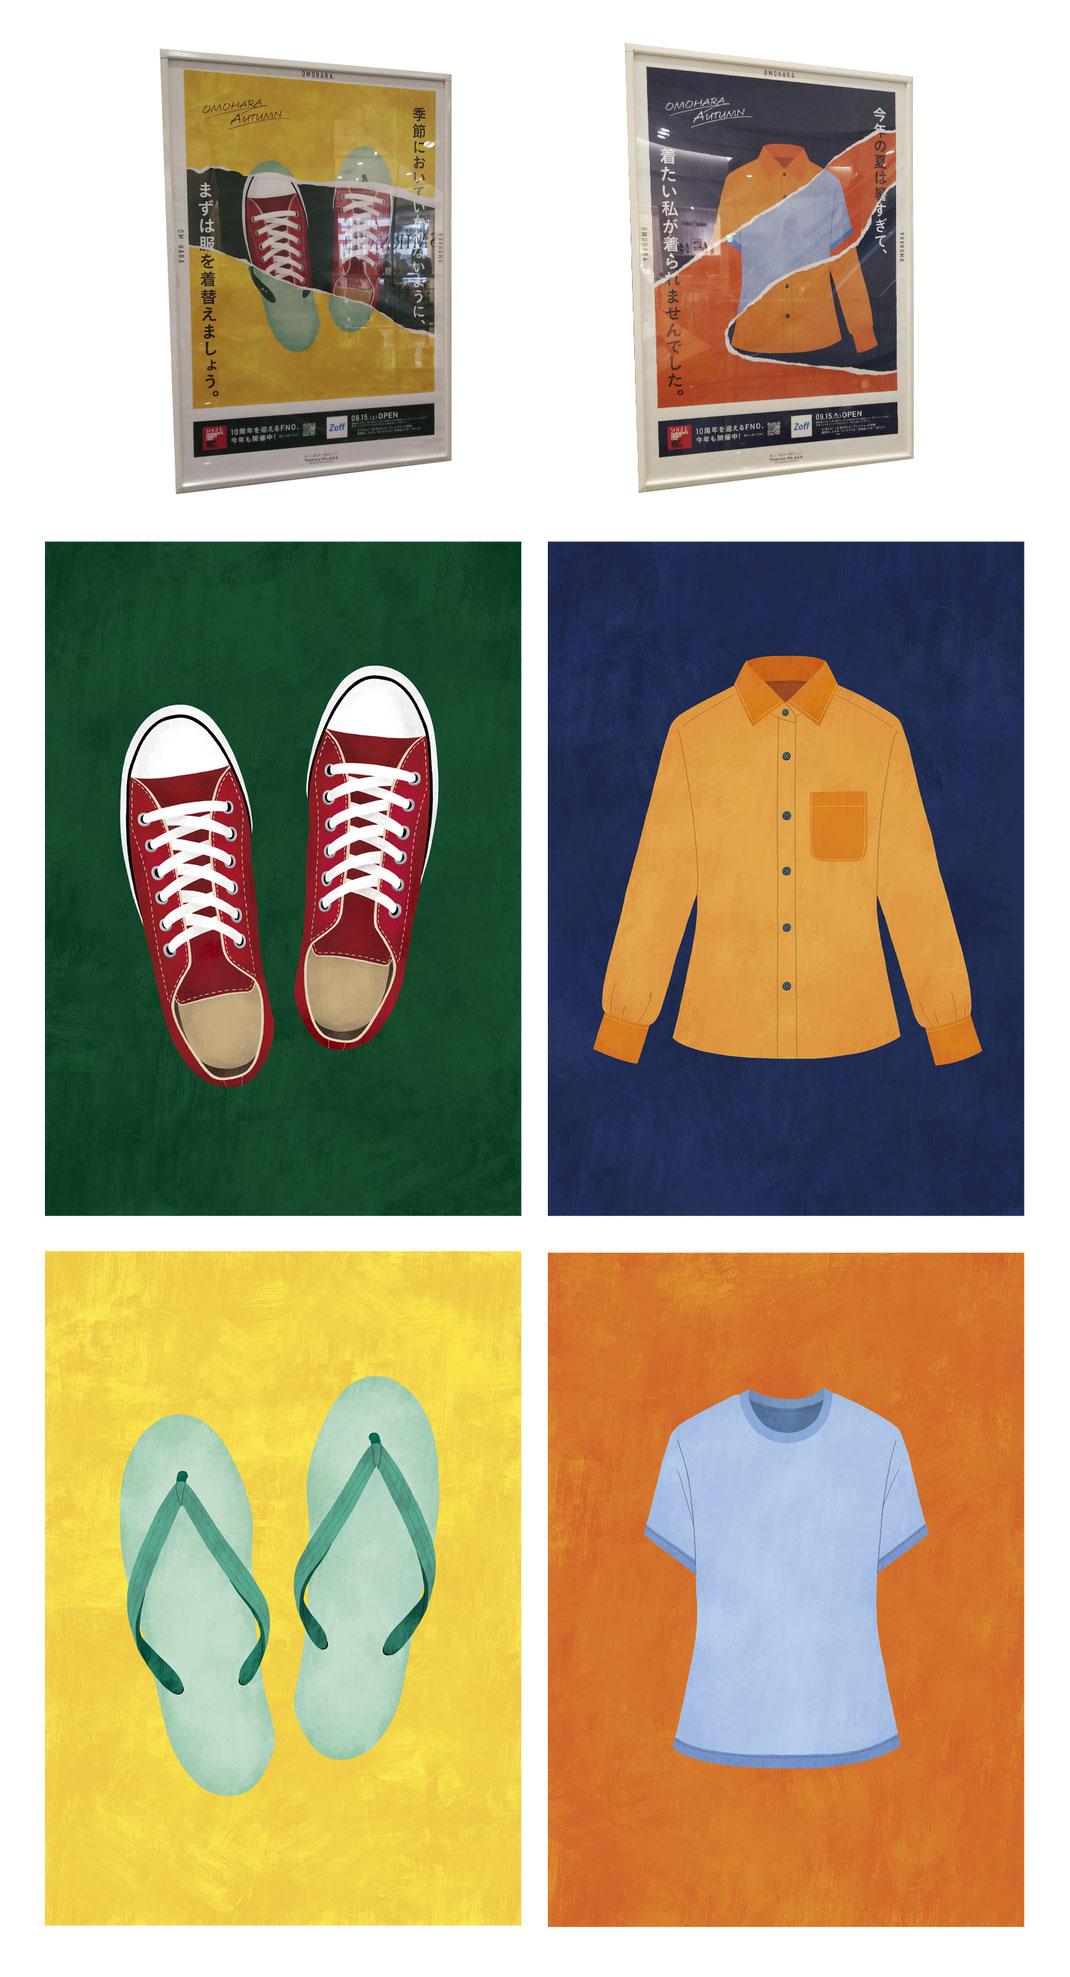 シャツTシャツスニーカーサンダルのイラスト